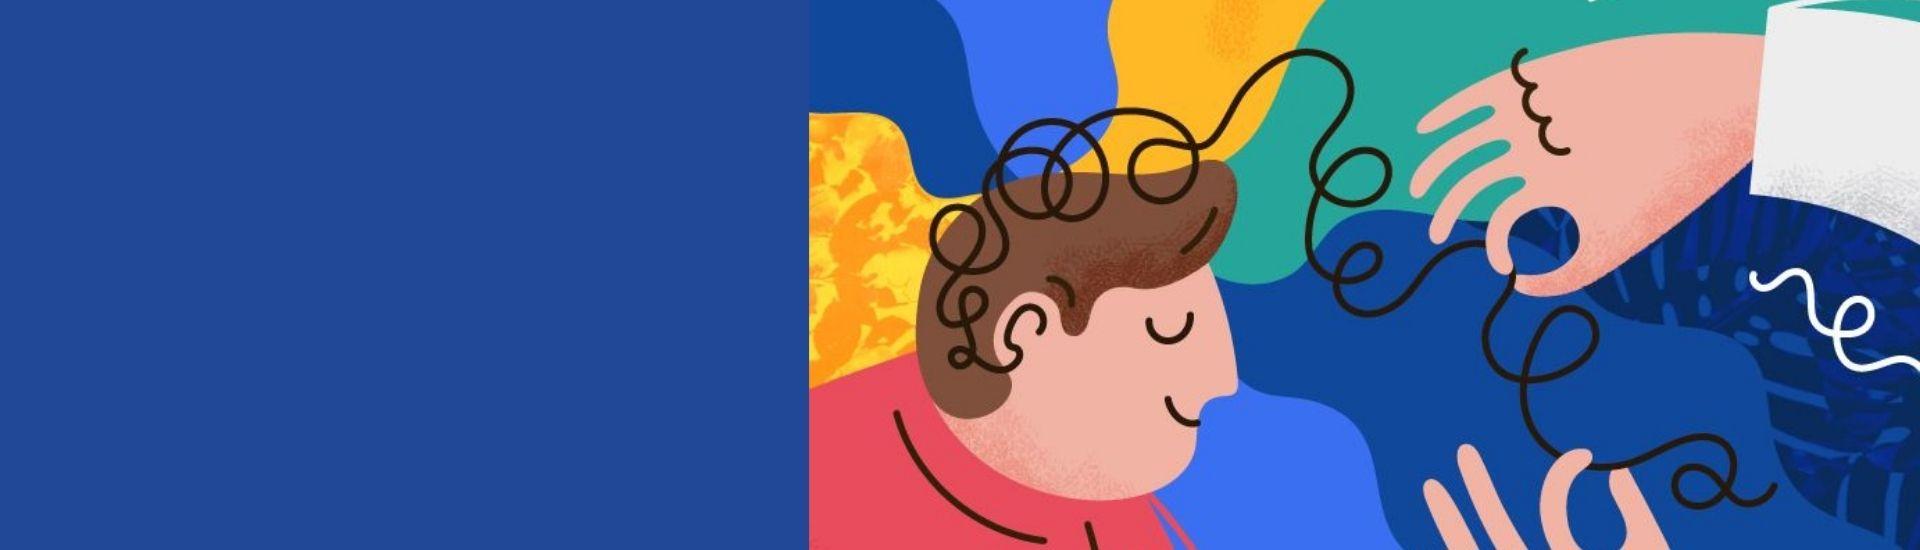 en la ilustración se ve a un niño explorando su mente, concienci ay sensibilidad, a través de la metáfora de un hilo que se va desentrañando, con la ayuda de un docente.